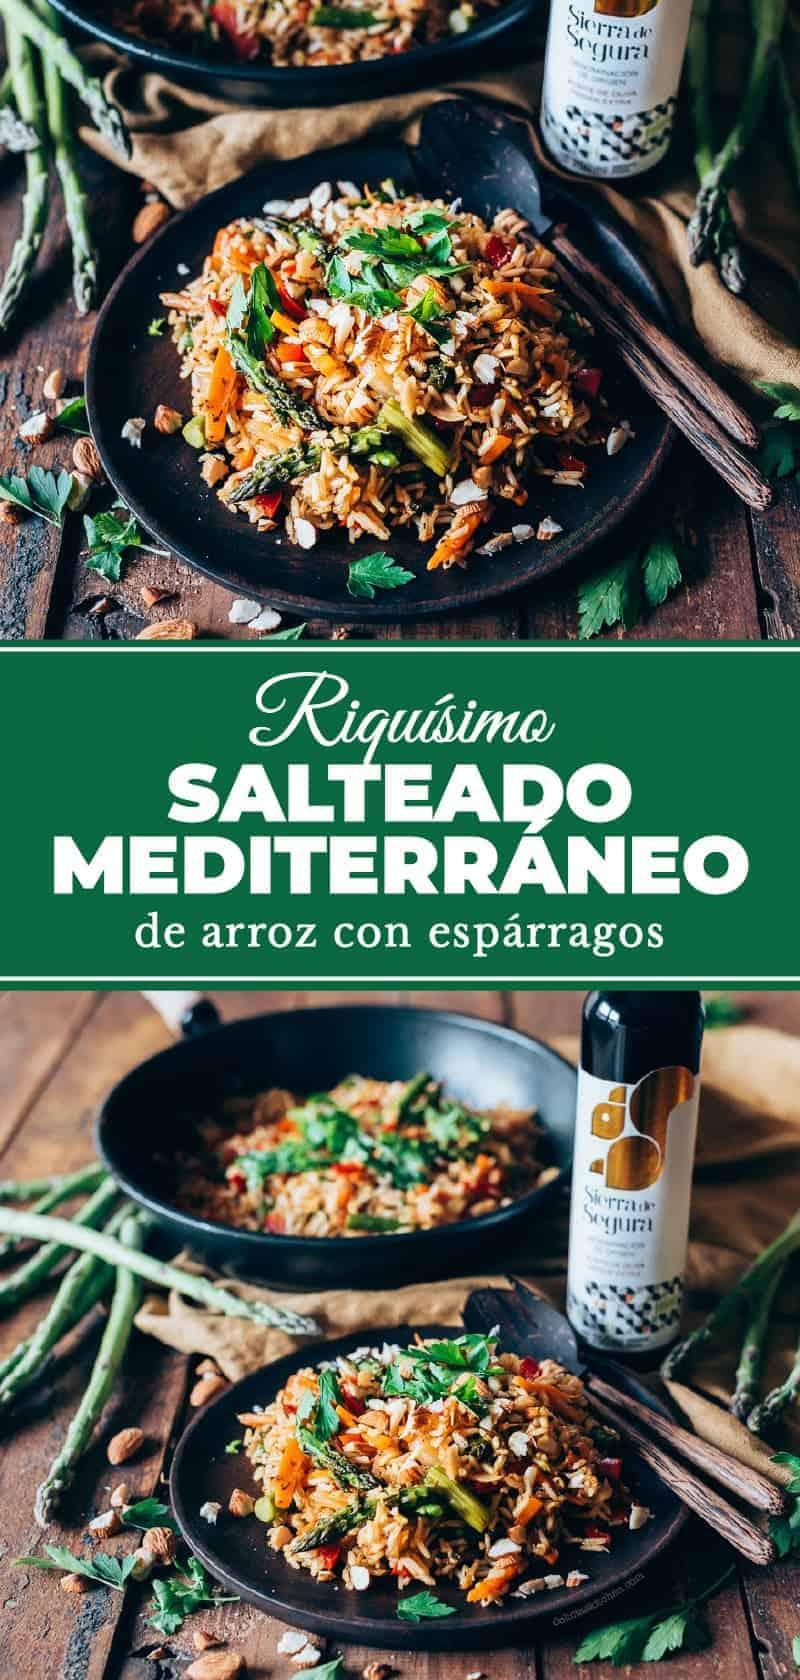 Salteado mediterráneo de arroz con espárragos